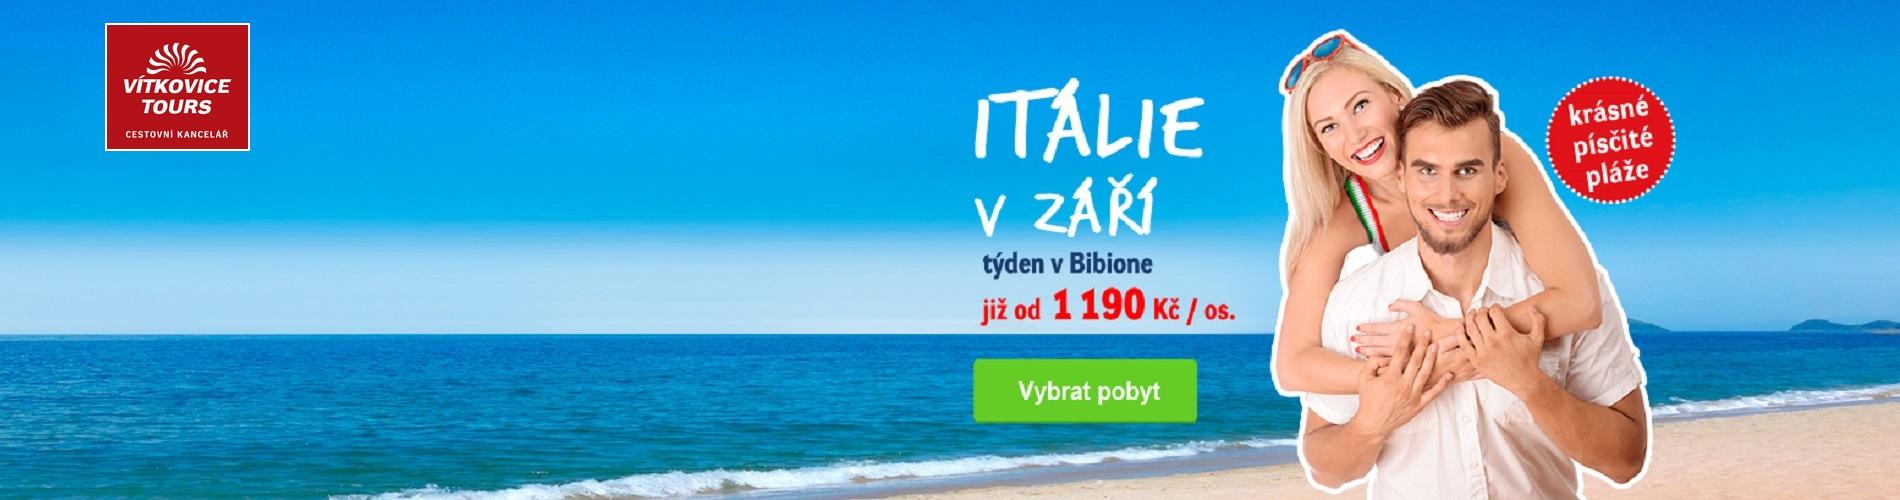 Vítkovice Tours - Bibione v září